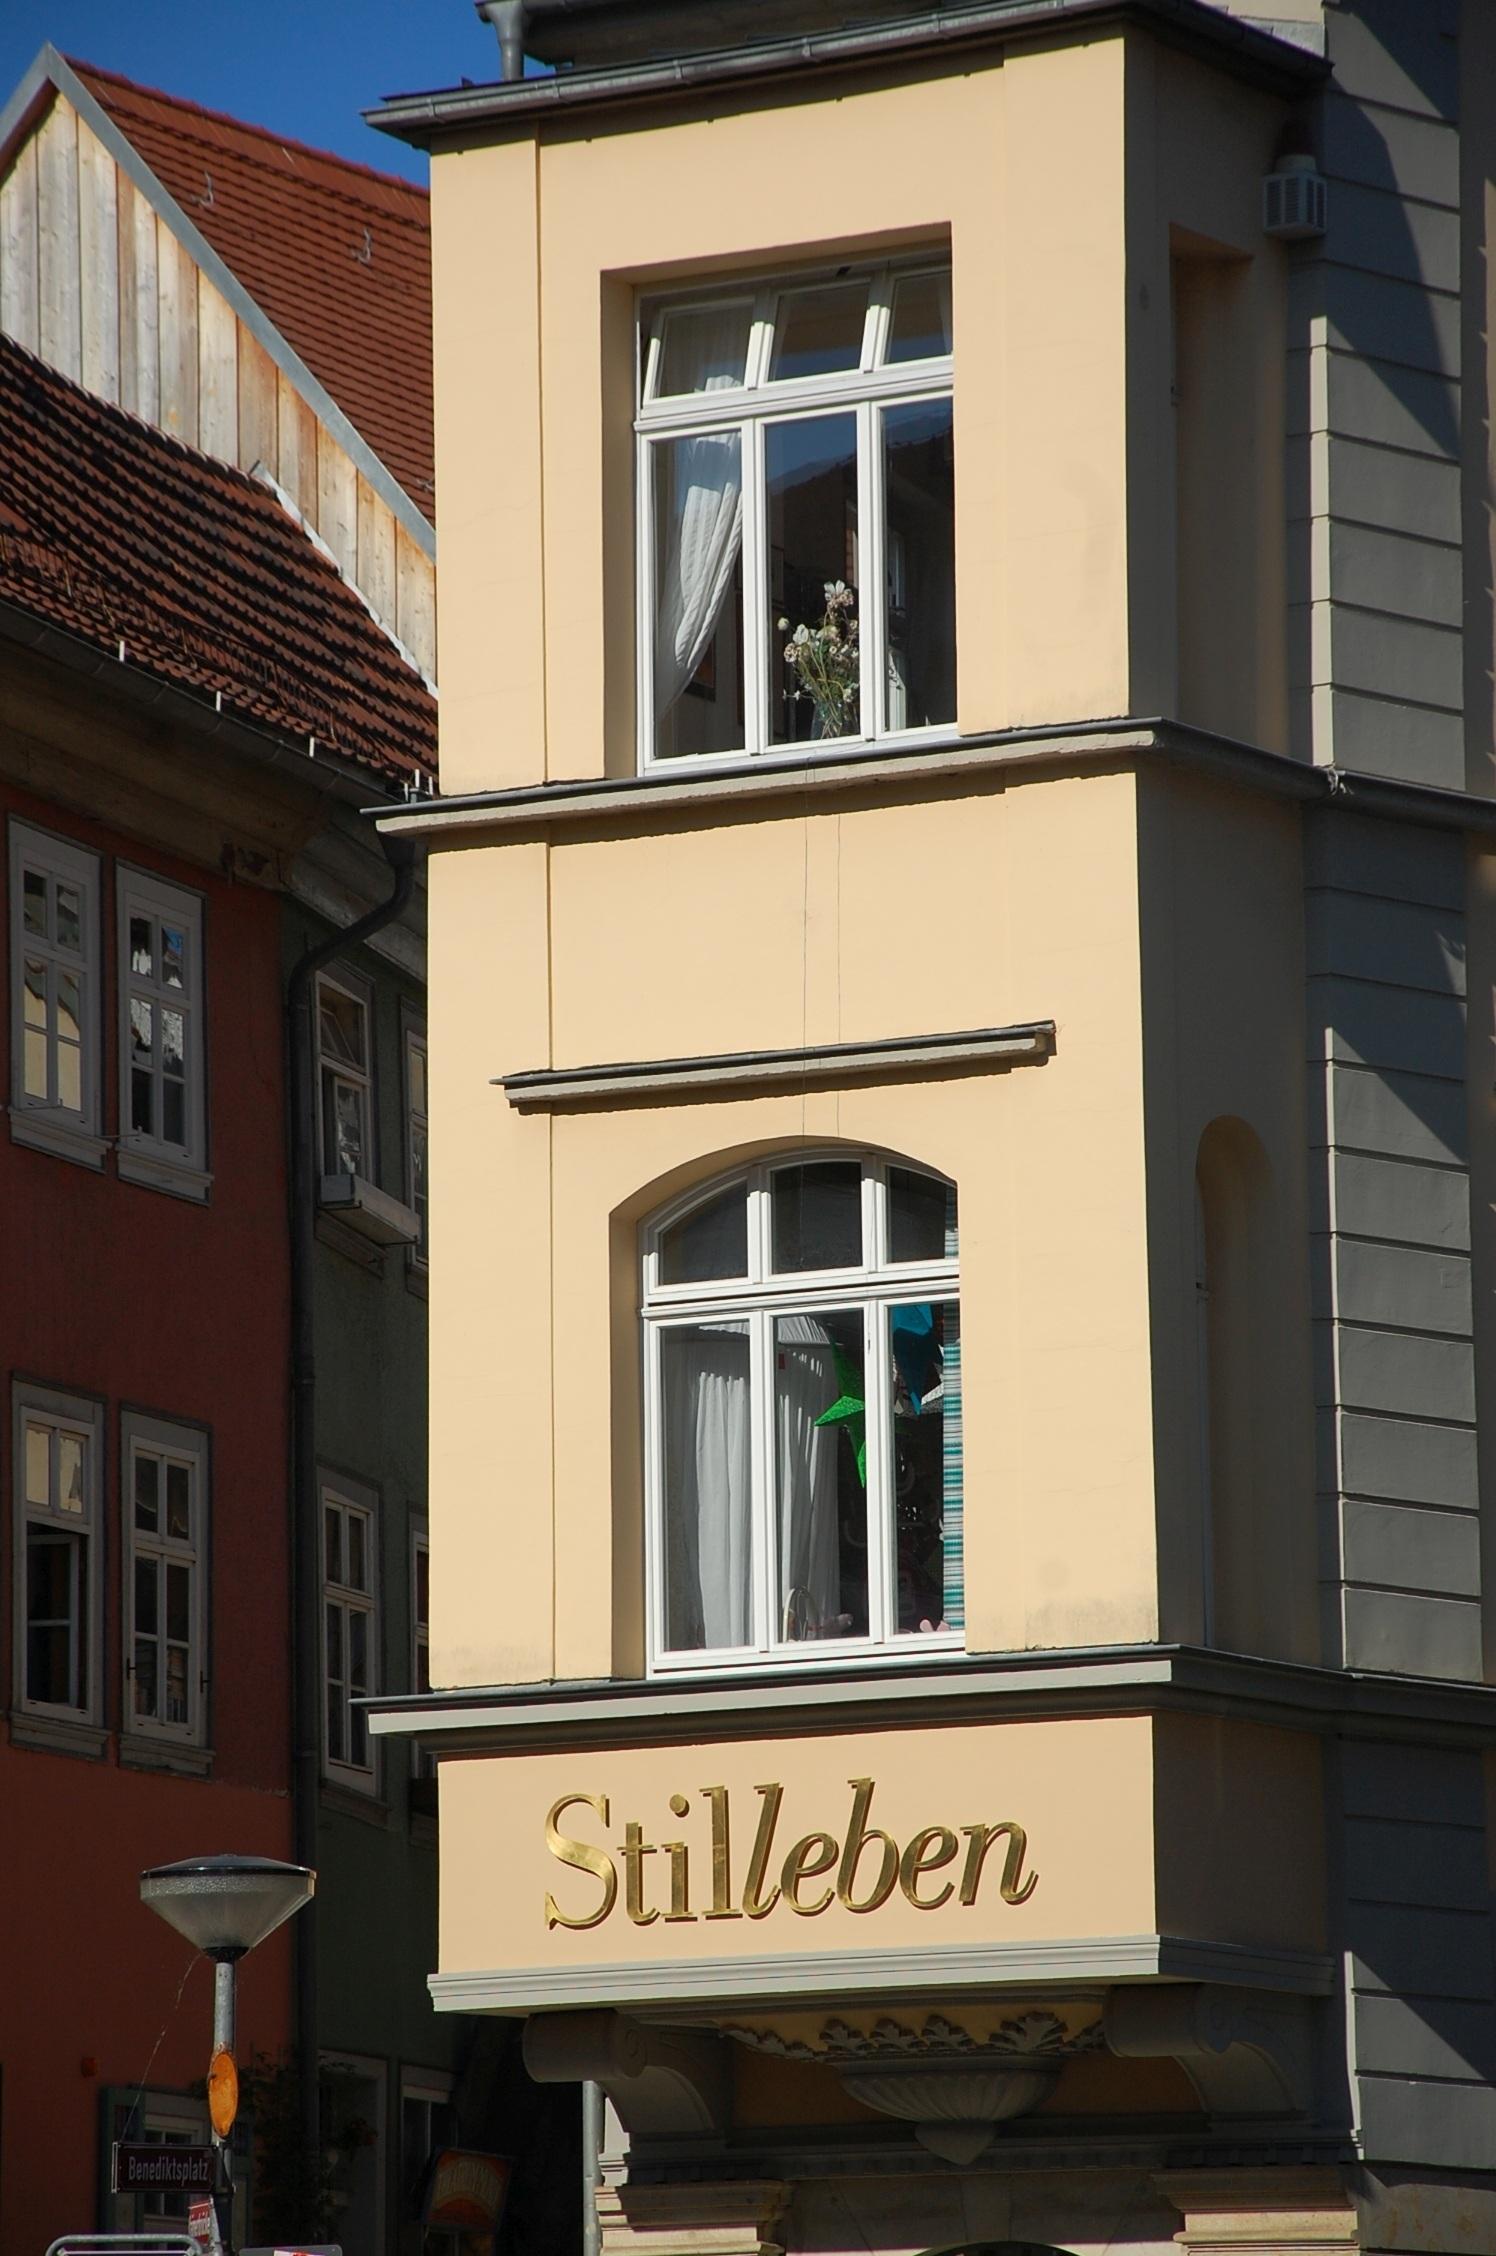 Innenarchitektur Erfurt kostenlose foto licht die architektur straße haus fenster